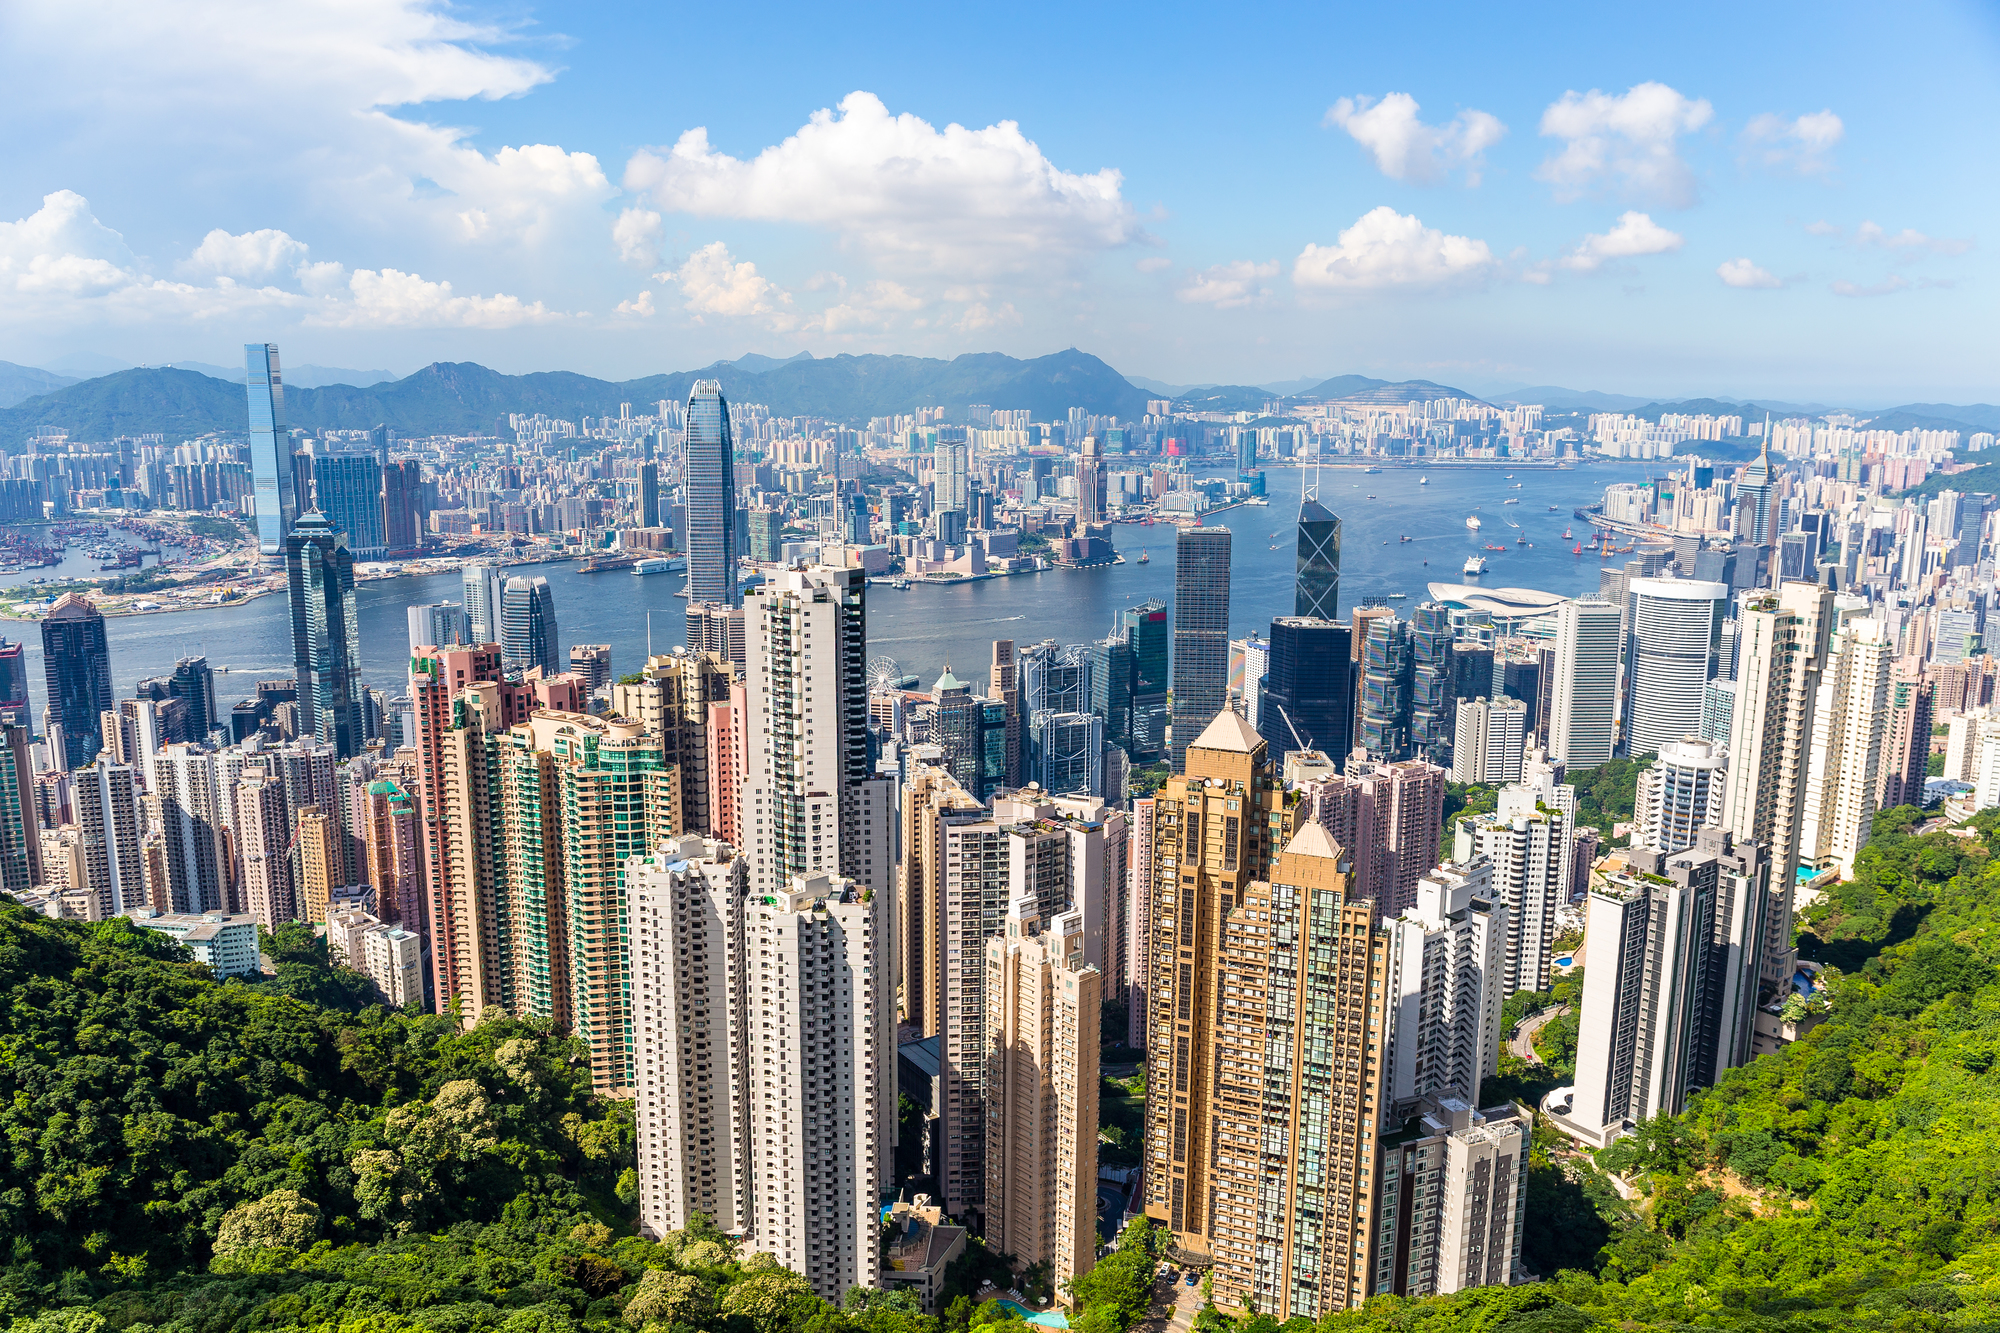 シェアリングエコノミー大国・中国の現状 多くのサービス誕生の陰でマナーや労使問題も